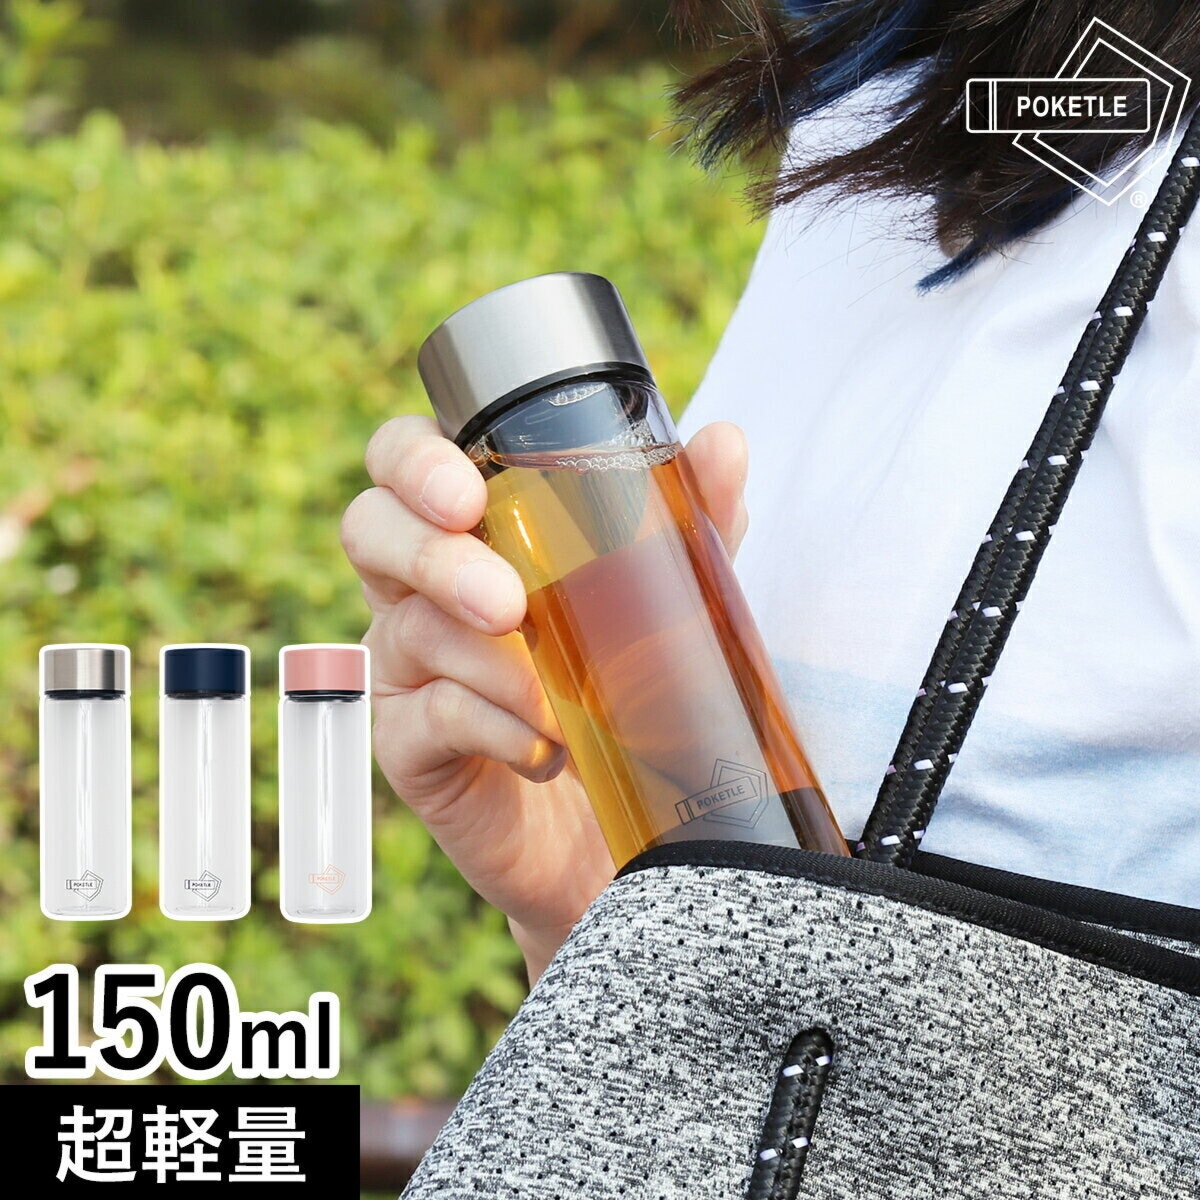 ポケトル 水筒 150ml クリアマグボトル POKETLE